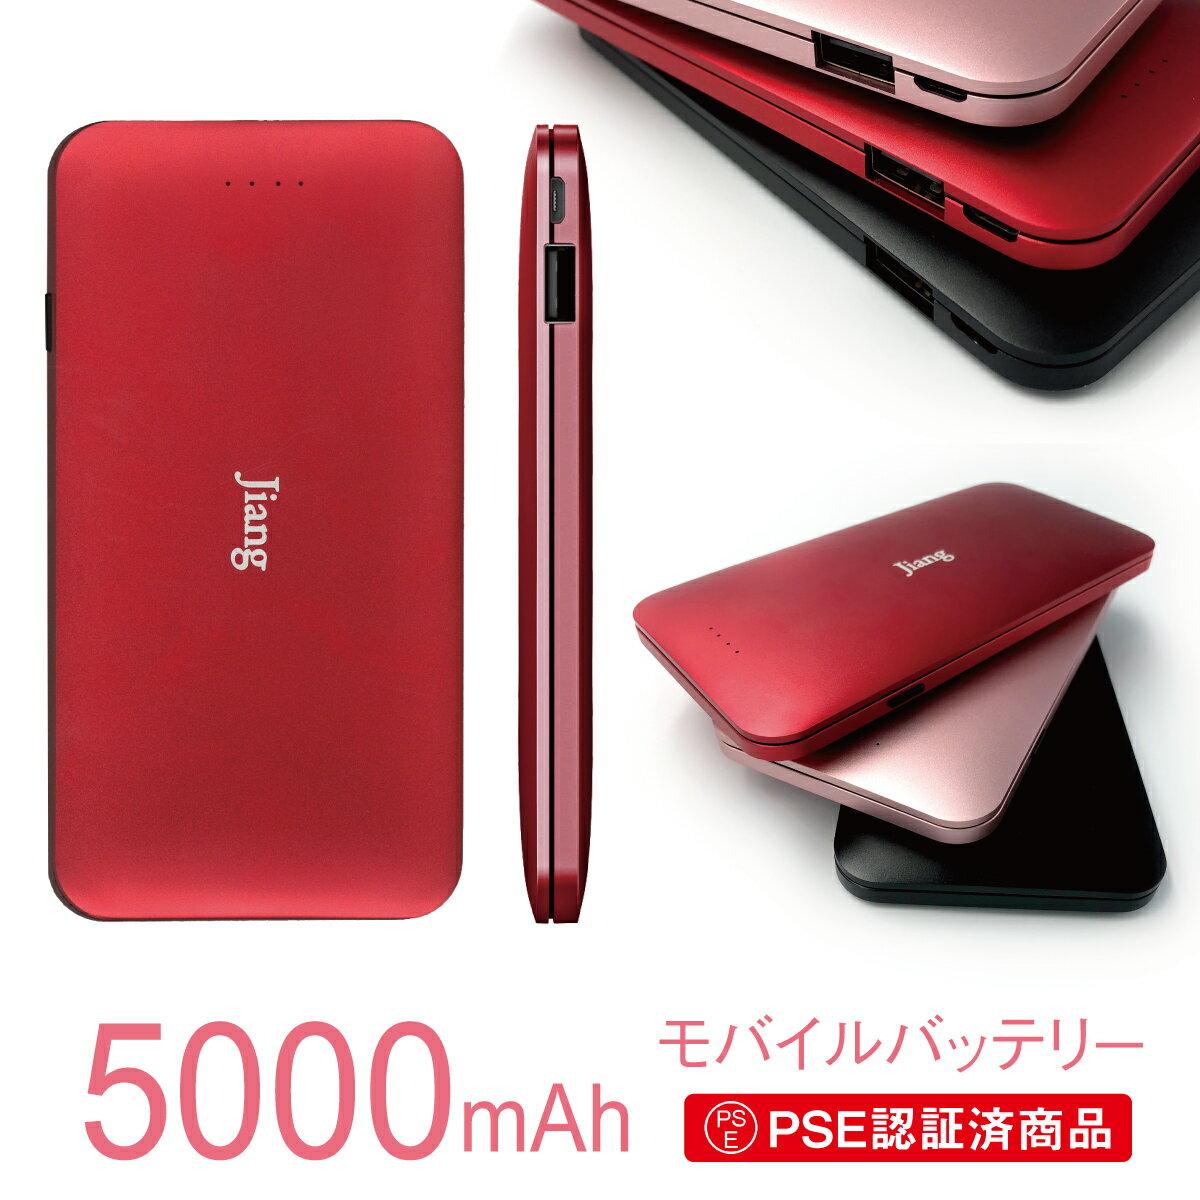 モバイルバッテリー 5000mAh PSE認証 充電器 薄型 軽量 バッテリー おしゃれ かわいい スマホ iPhoneX iPhone8 iphone android スマートフォン モバイル バッテリー 携帯充電器 充電 iQOS jiang-bt01